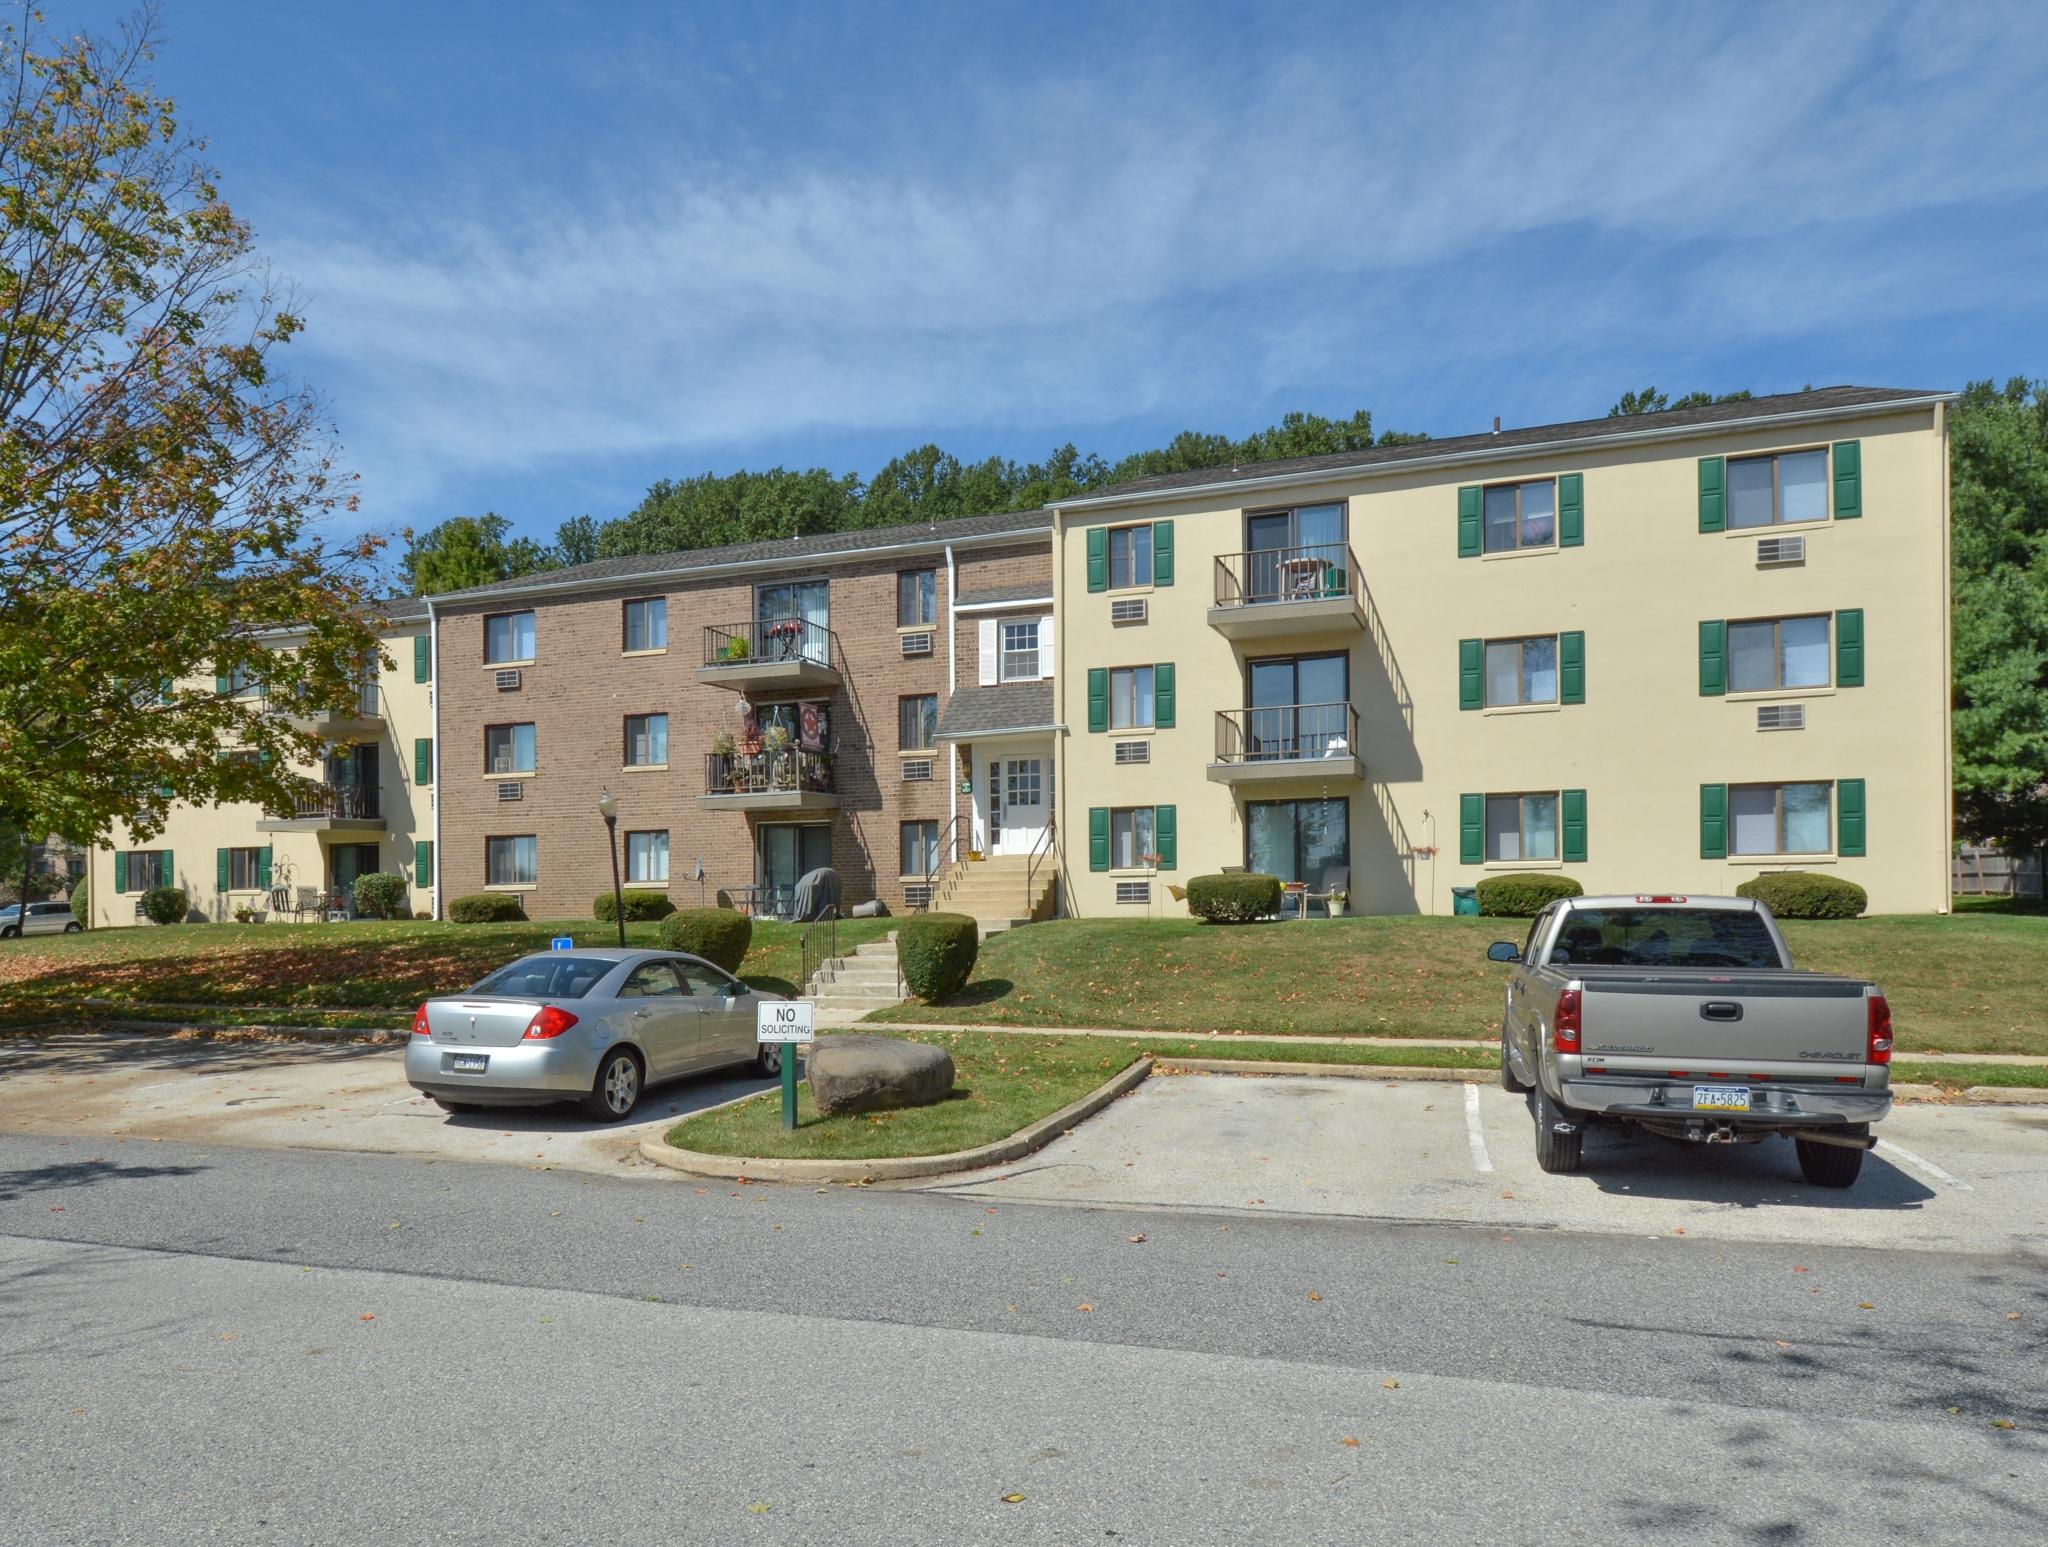 Norwood House Apartments image 6